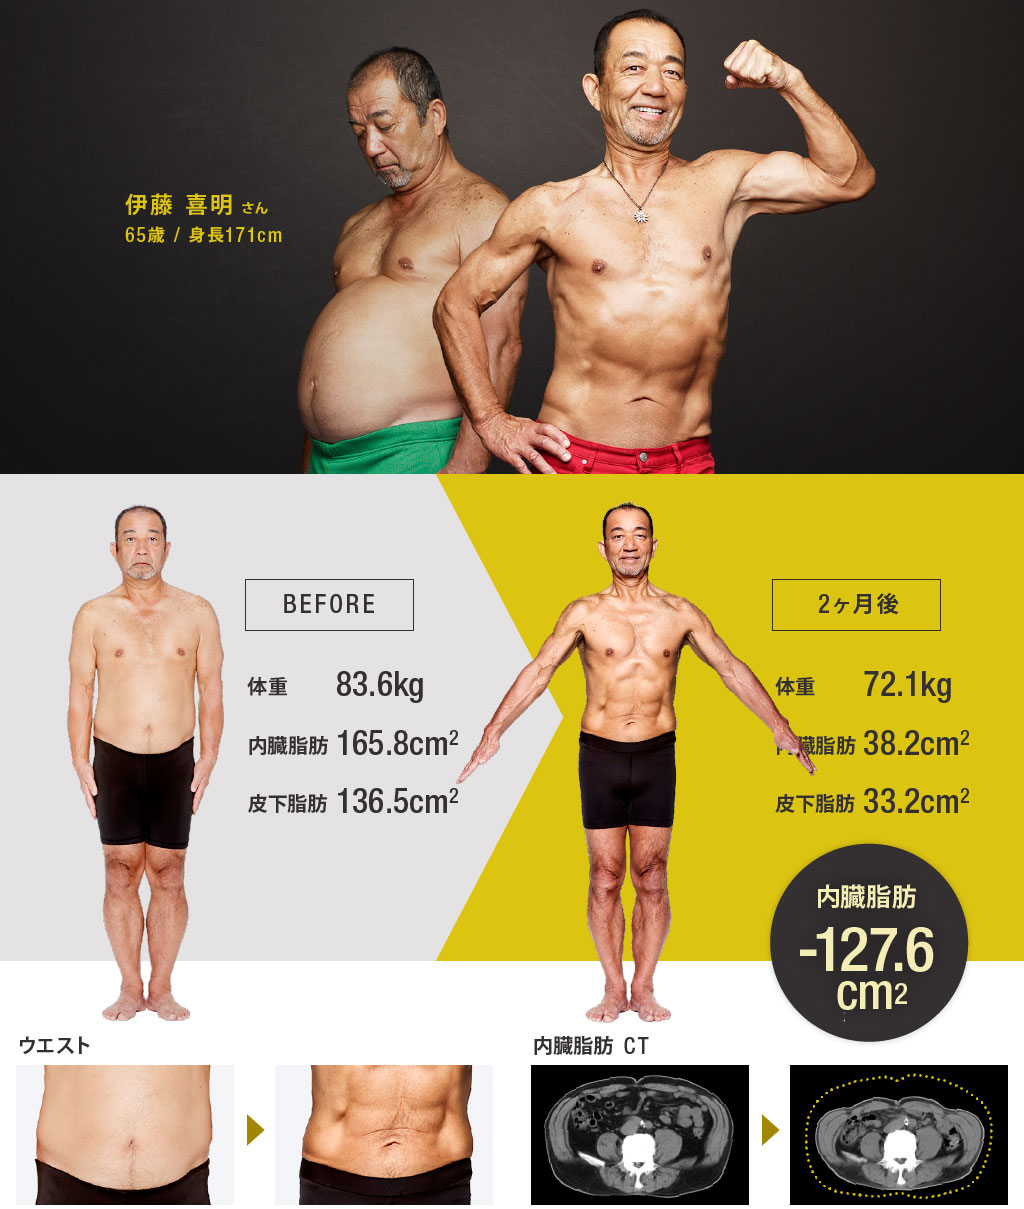 伊藤嘉明さん・65歳・171cm